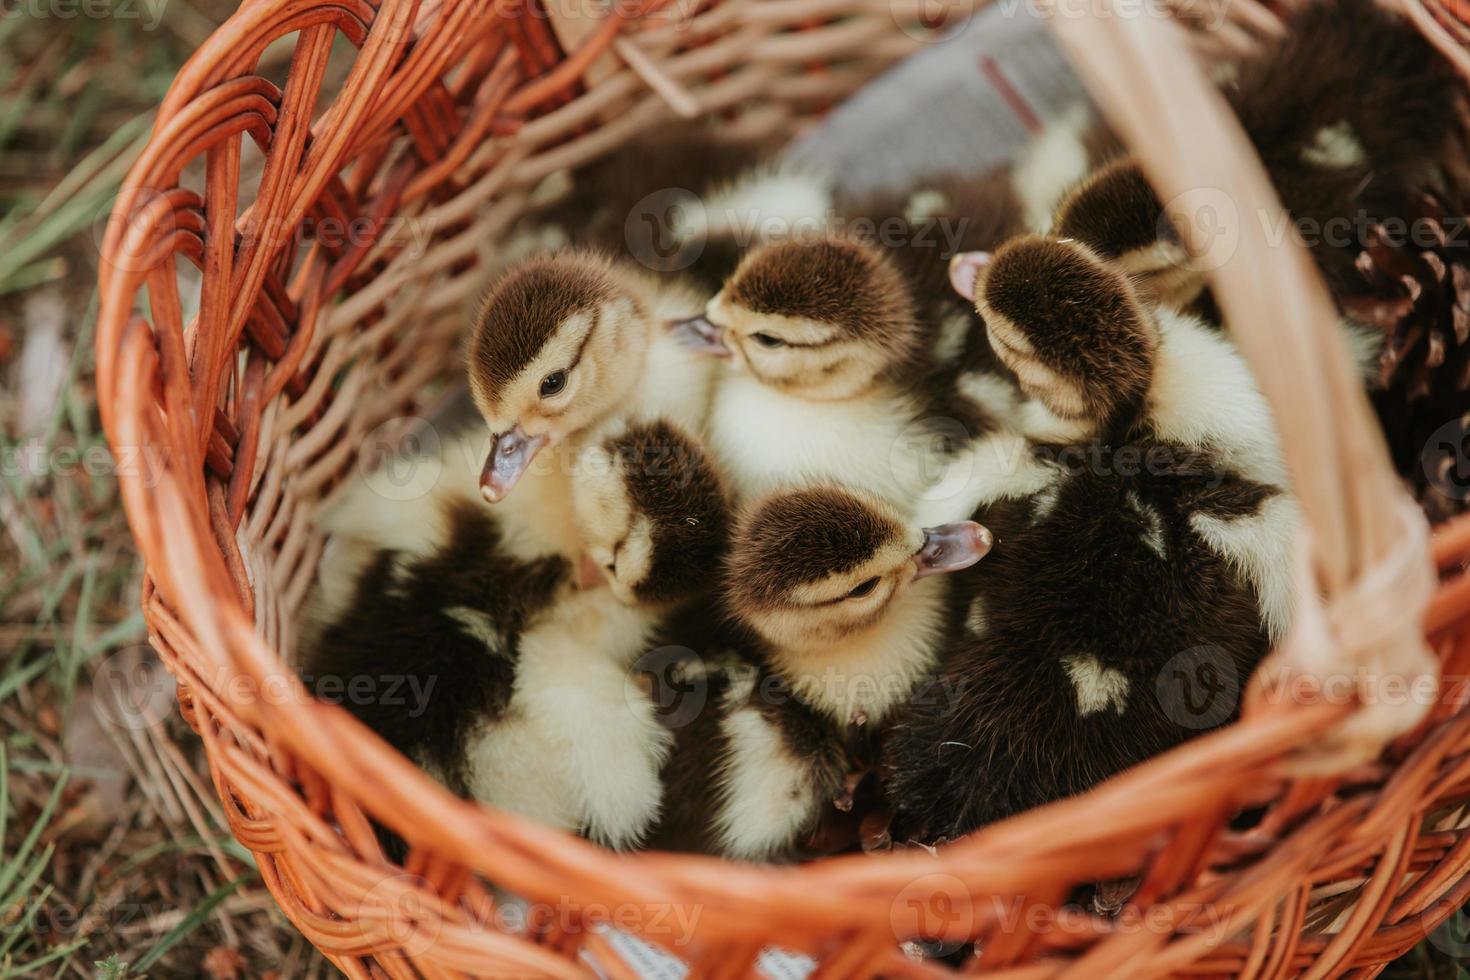 groupe de canetons dans un panier avec de la paille, des canards nouveau-nés avec des plumes noires et jaunes prêts à être vendus. petit canard dans le panier photo